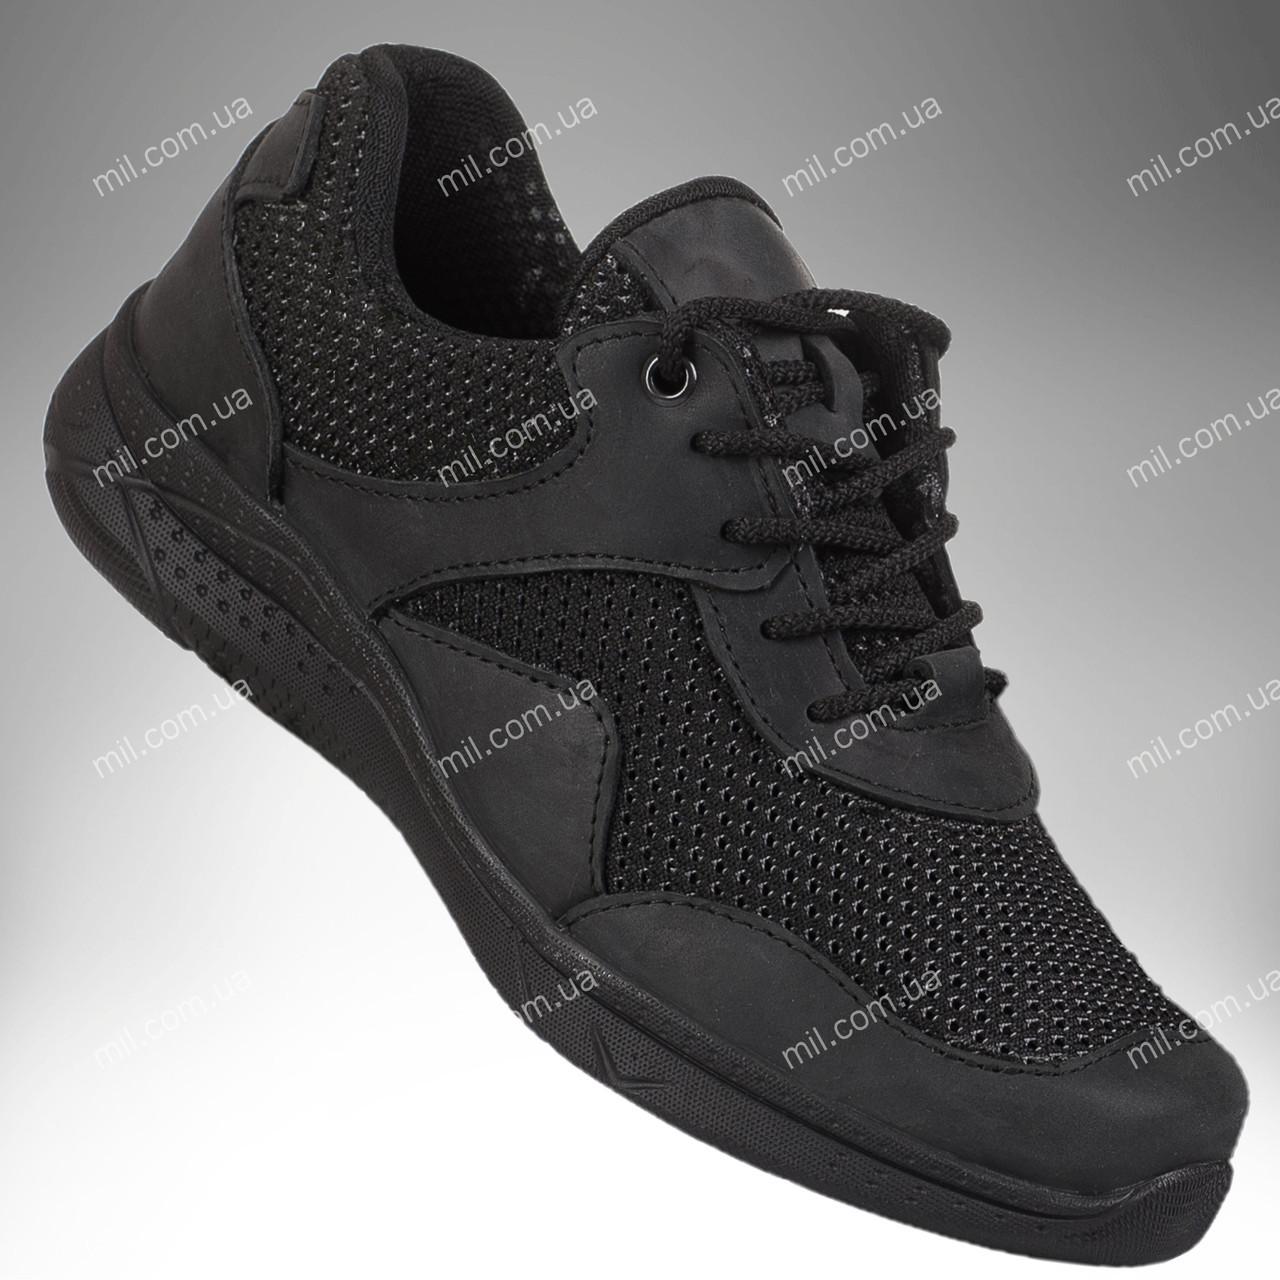 Военные летние кроссовки / тактическая обувь, армейская спецобувь GENESIS Vent (black)